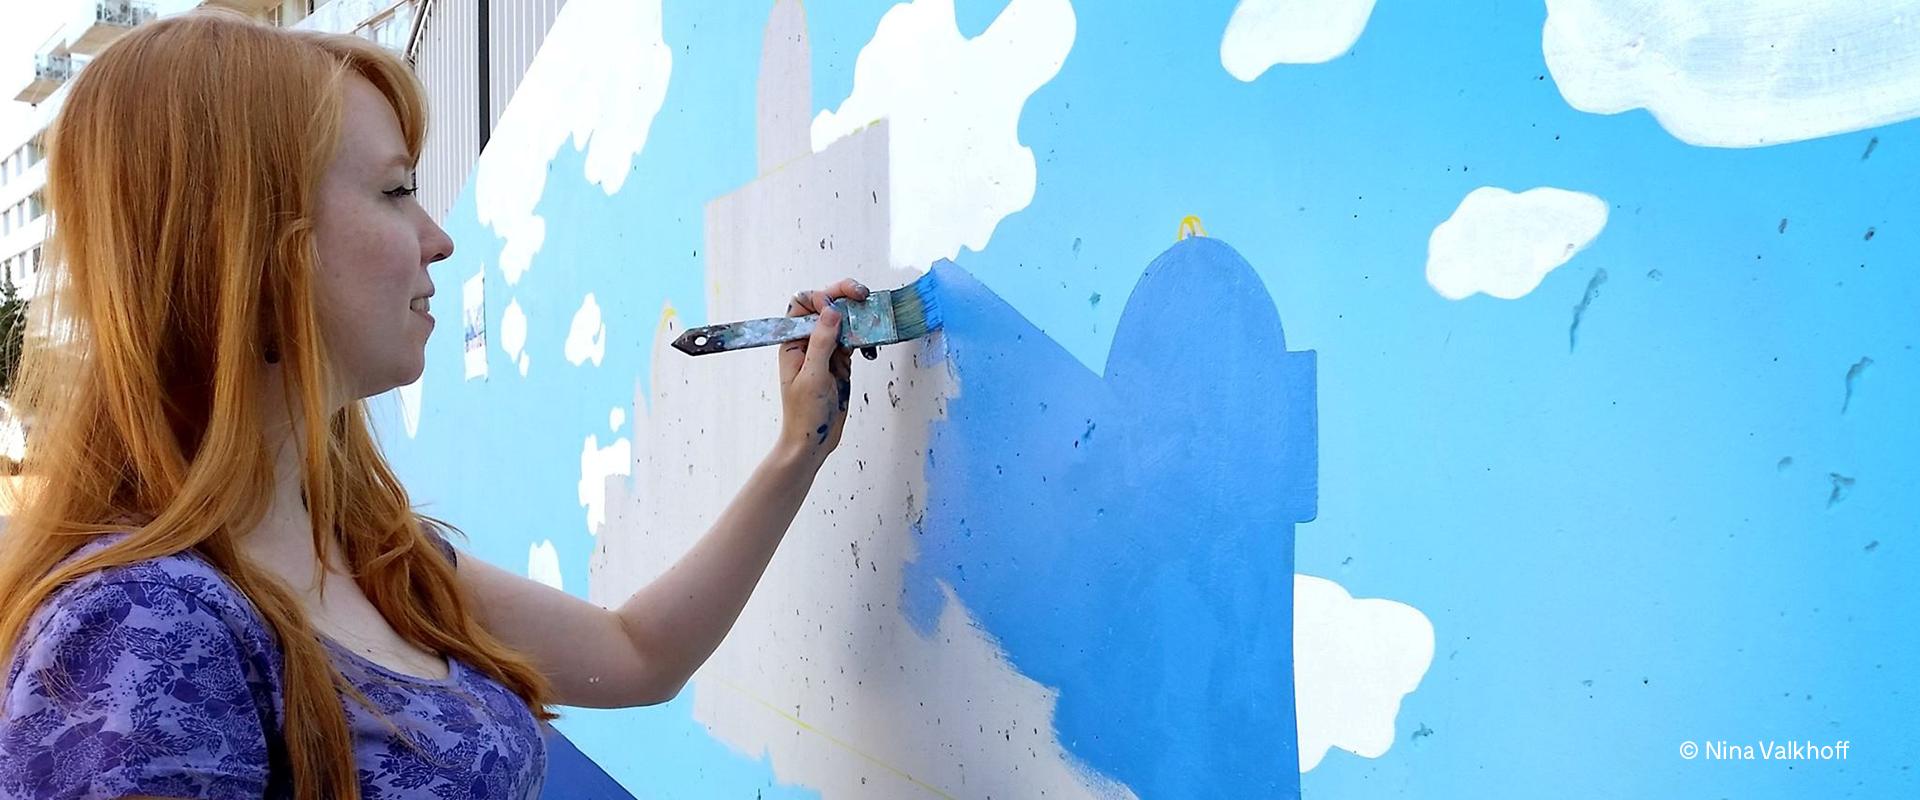 nina-valkhoff-muurschildering-cas-kidsdag-header